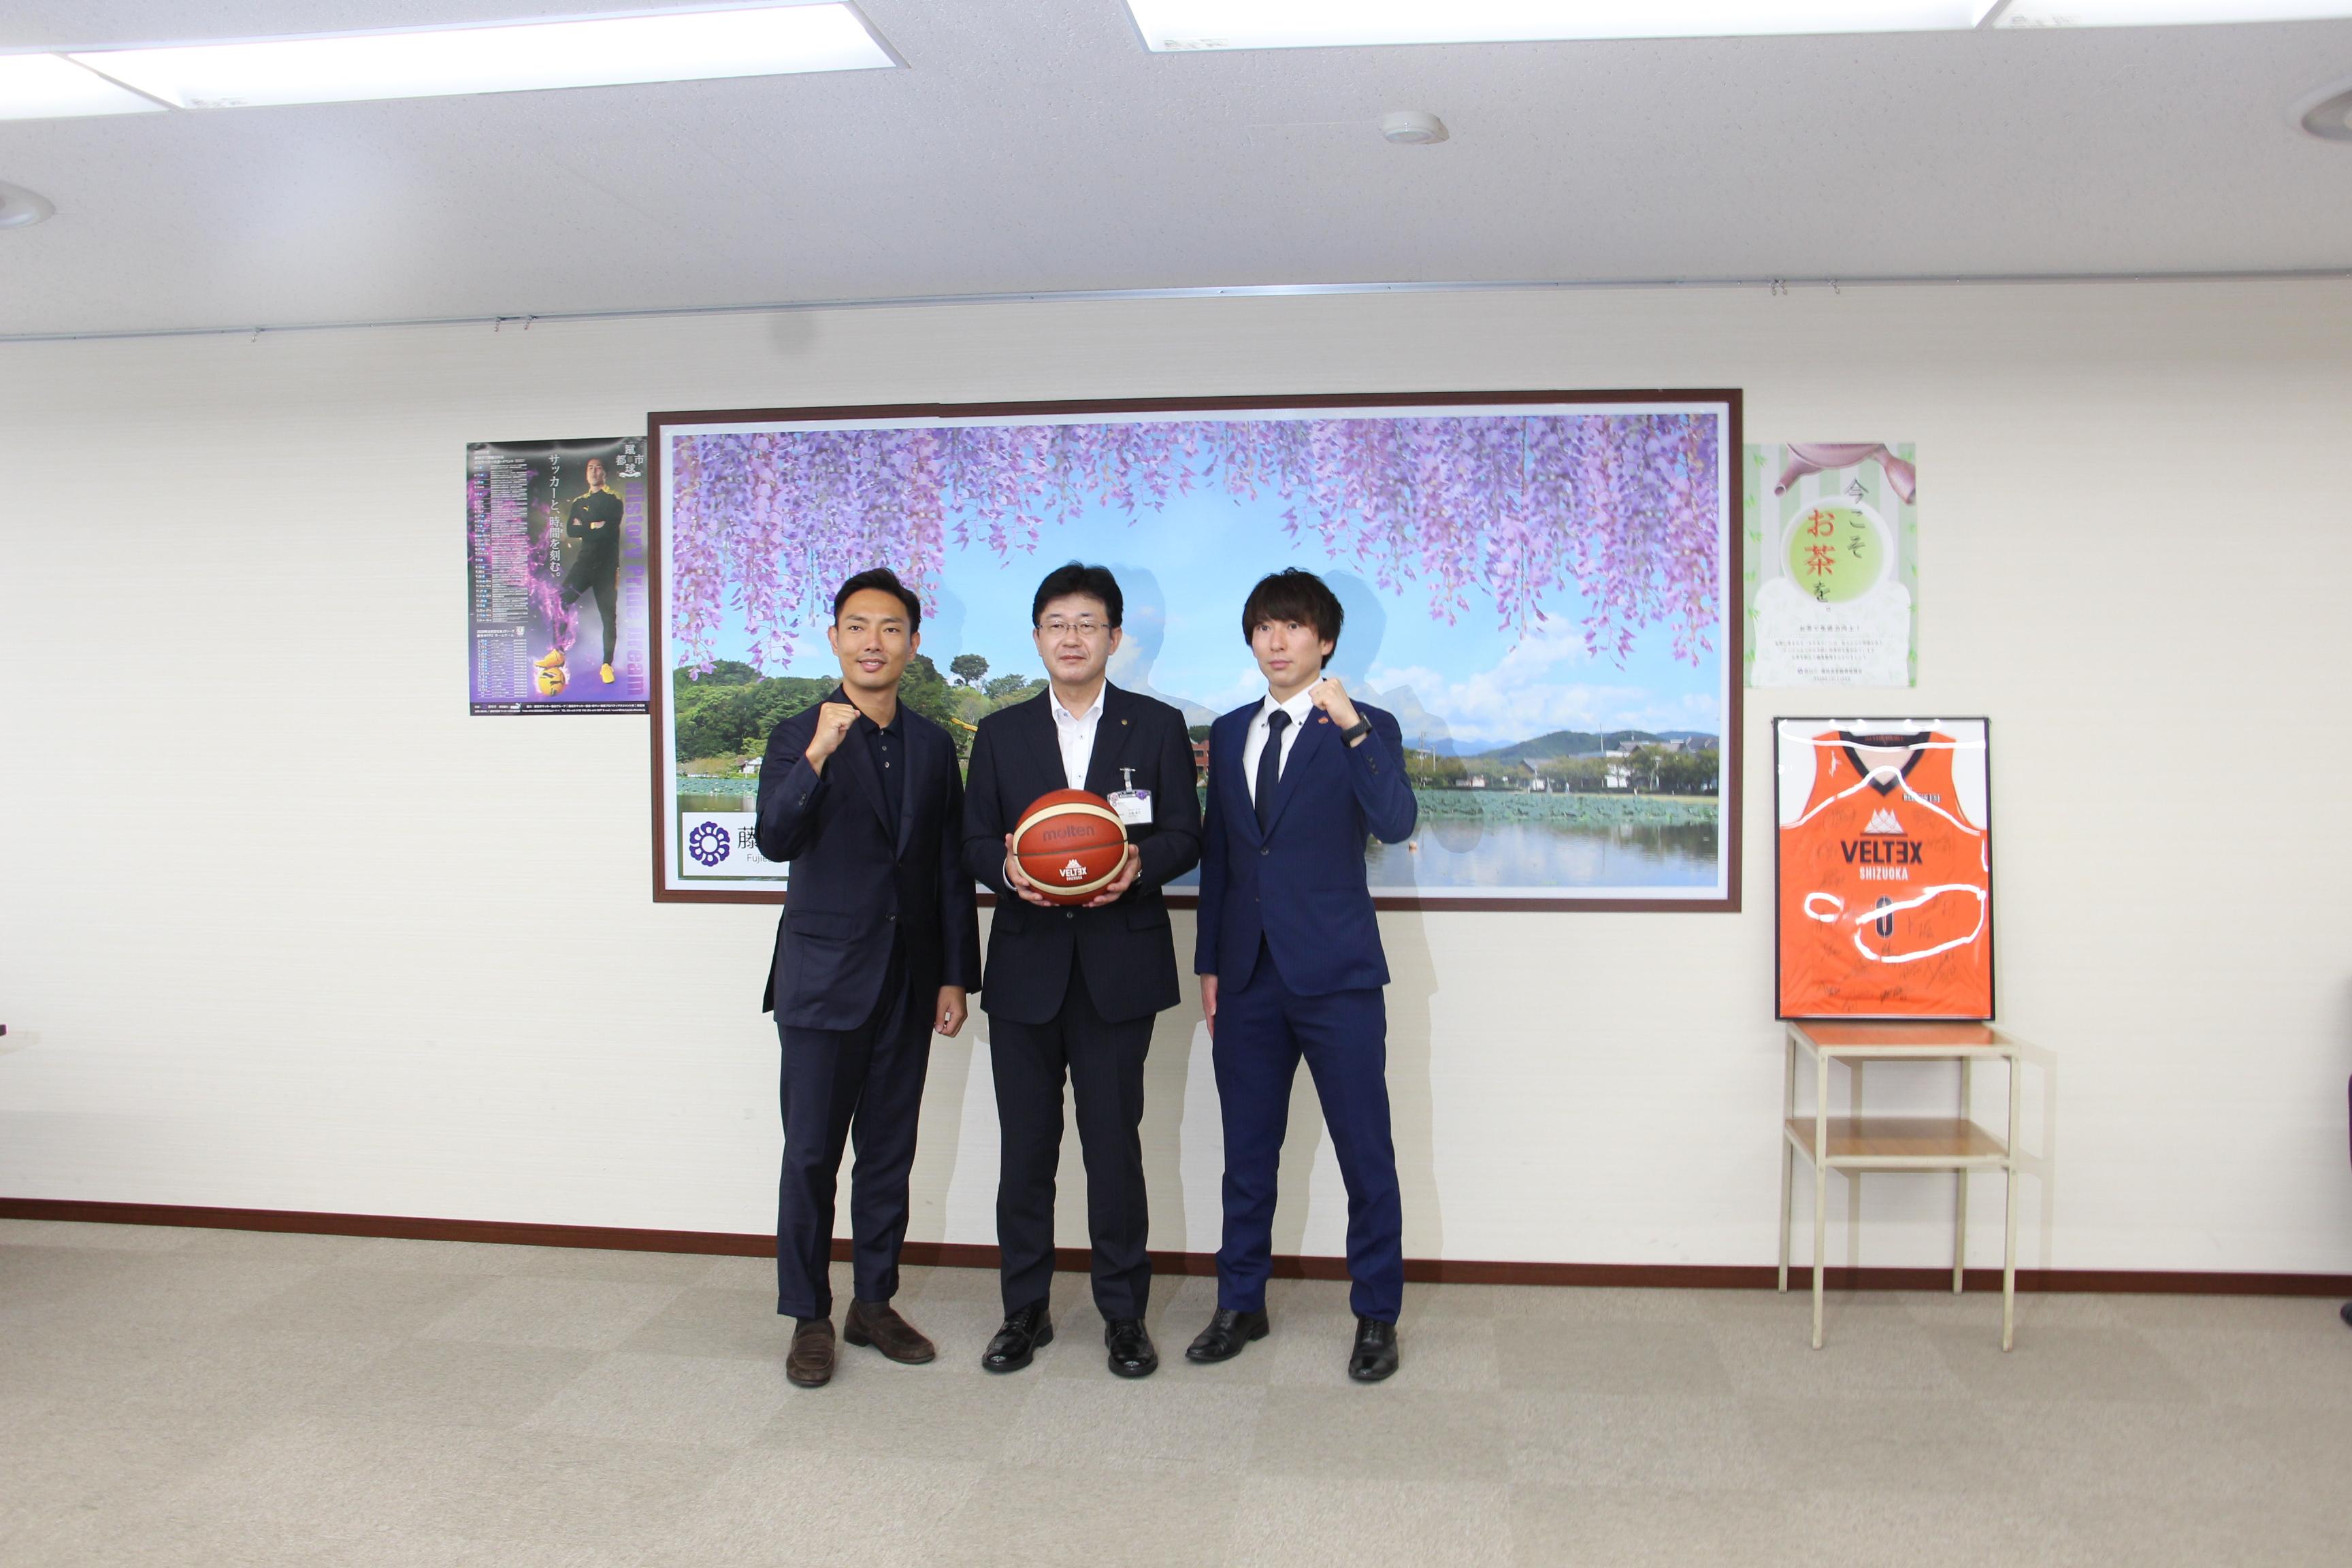 ベルテックス静岡が大畑副市長を表敬訪問しました